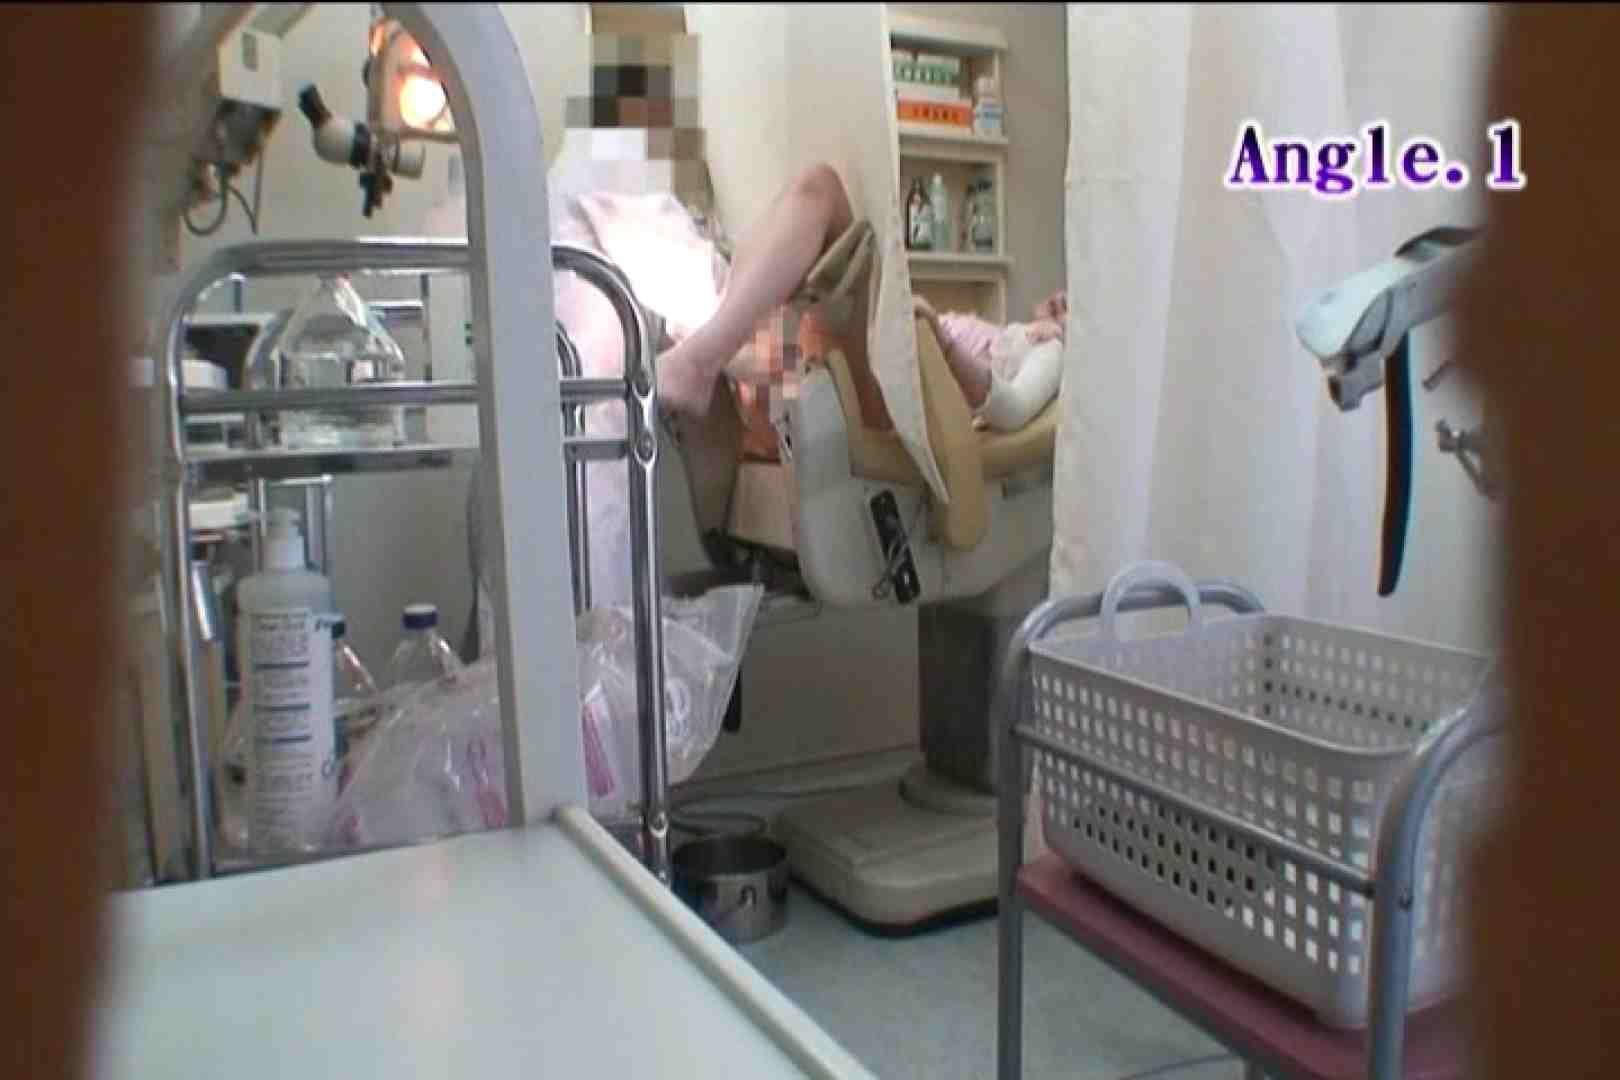 患者のおまんこをコレクションする変態医師の流出映像Vol.5 マンコ・ムレムレ  73pic 28